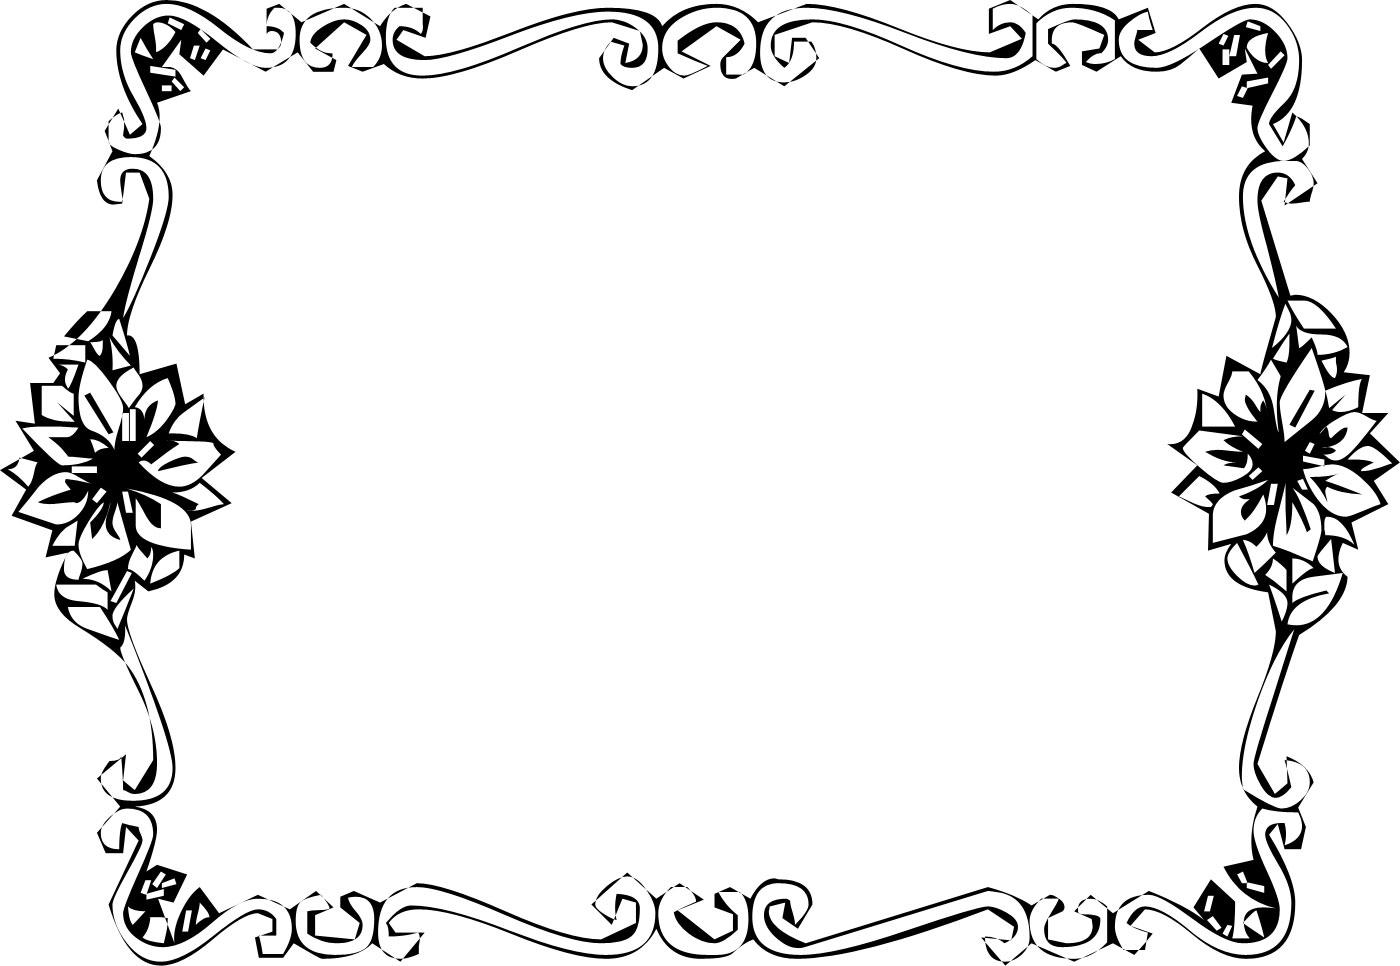 花のイラスト・フリー素材/フレーム枠no.011『白黒・金属』